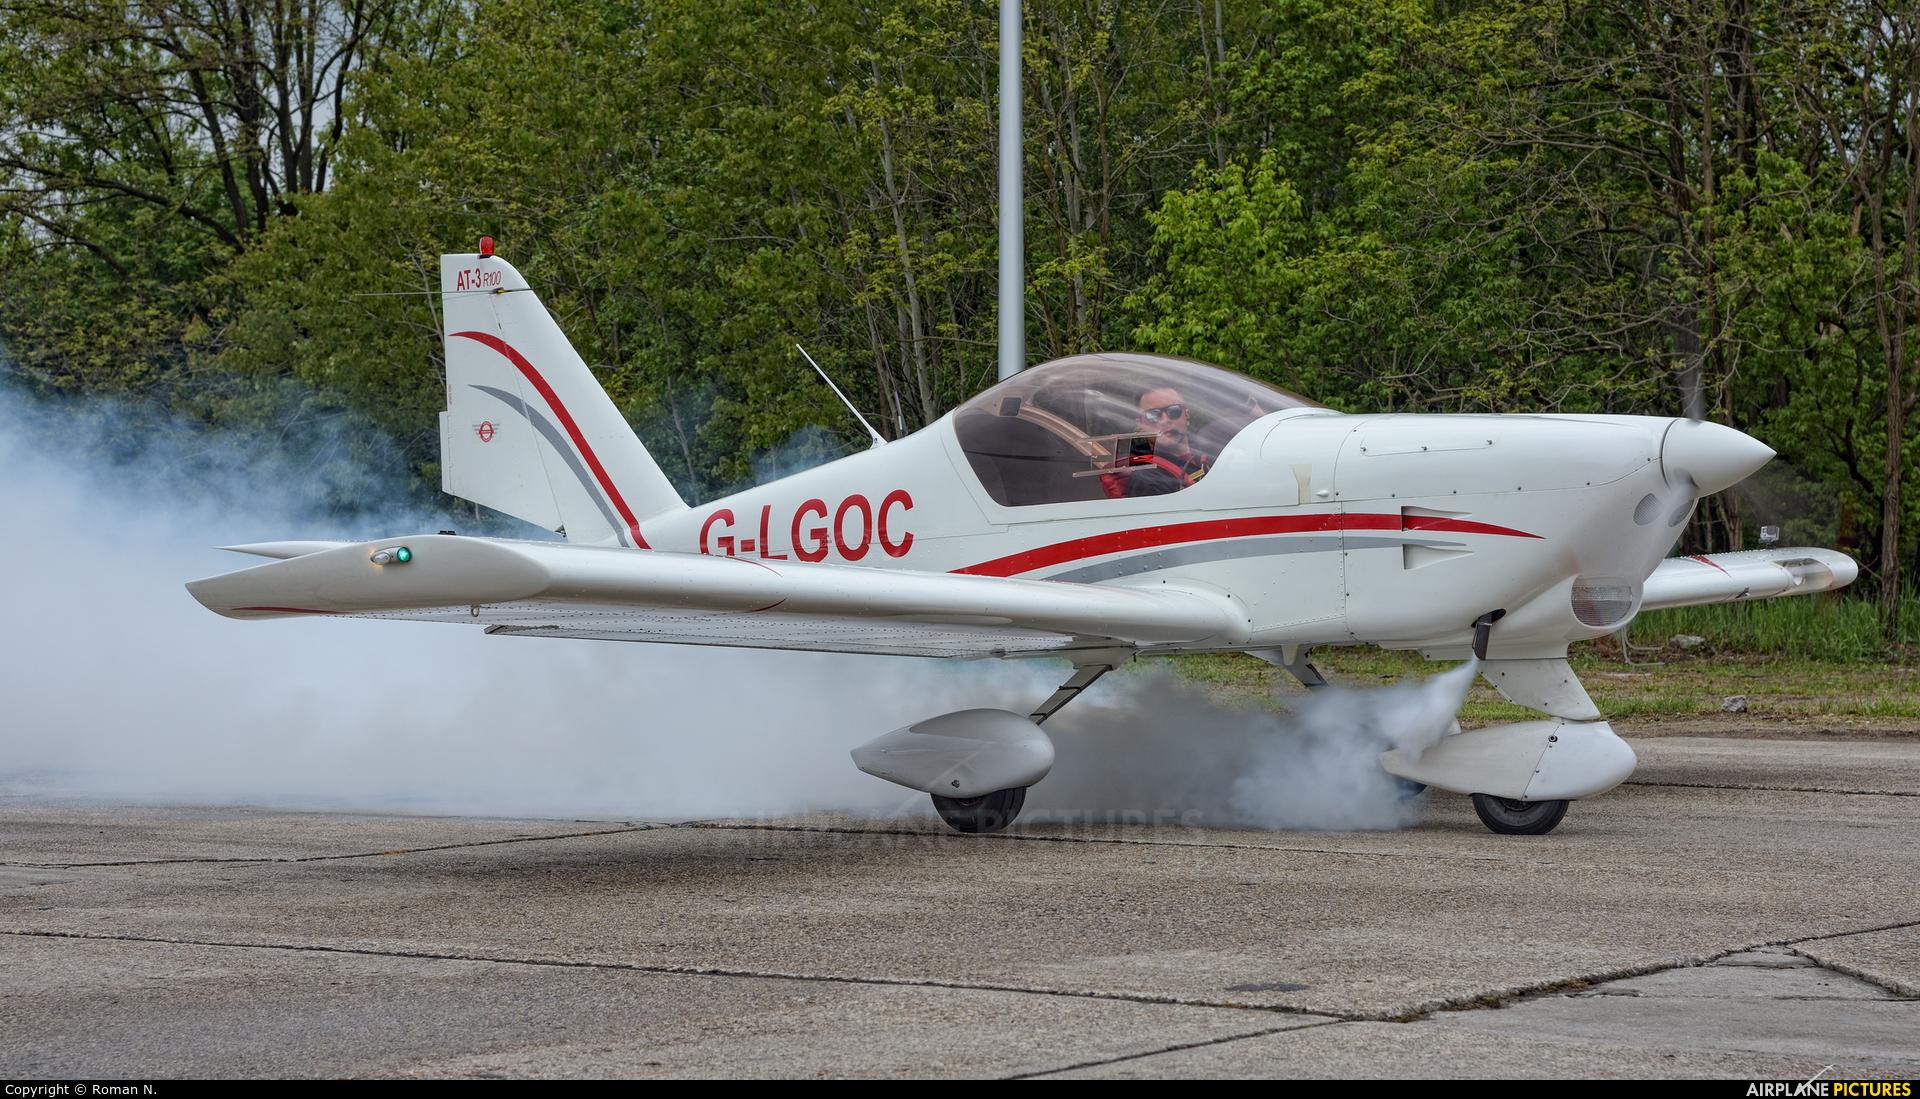 3AT3 Formation Flying Team G-LGOC aircraft at Bydgoszcz - Szwederowo